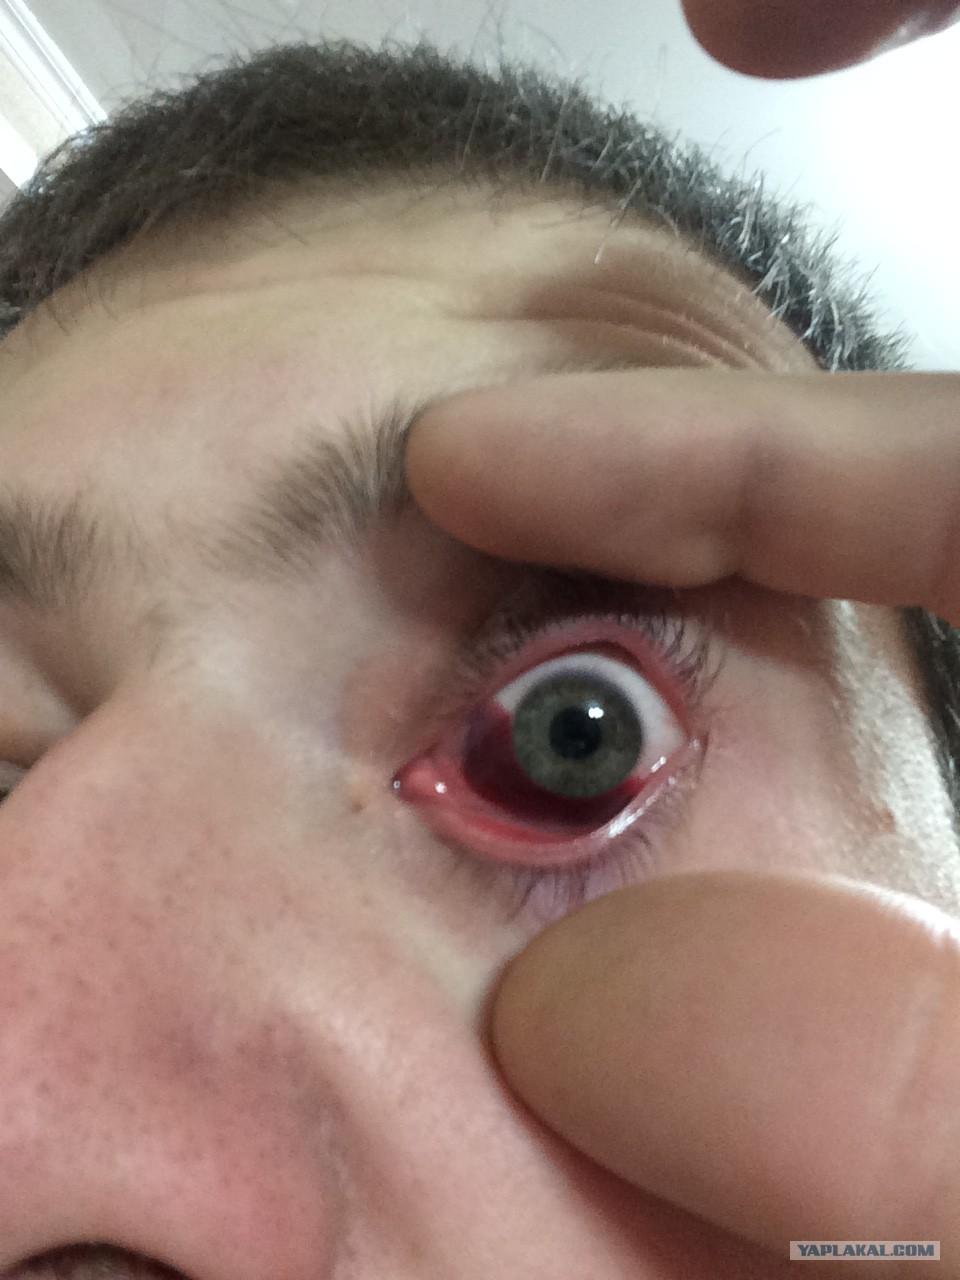 Пыль от болгарки попала в глаз не проходит неделю